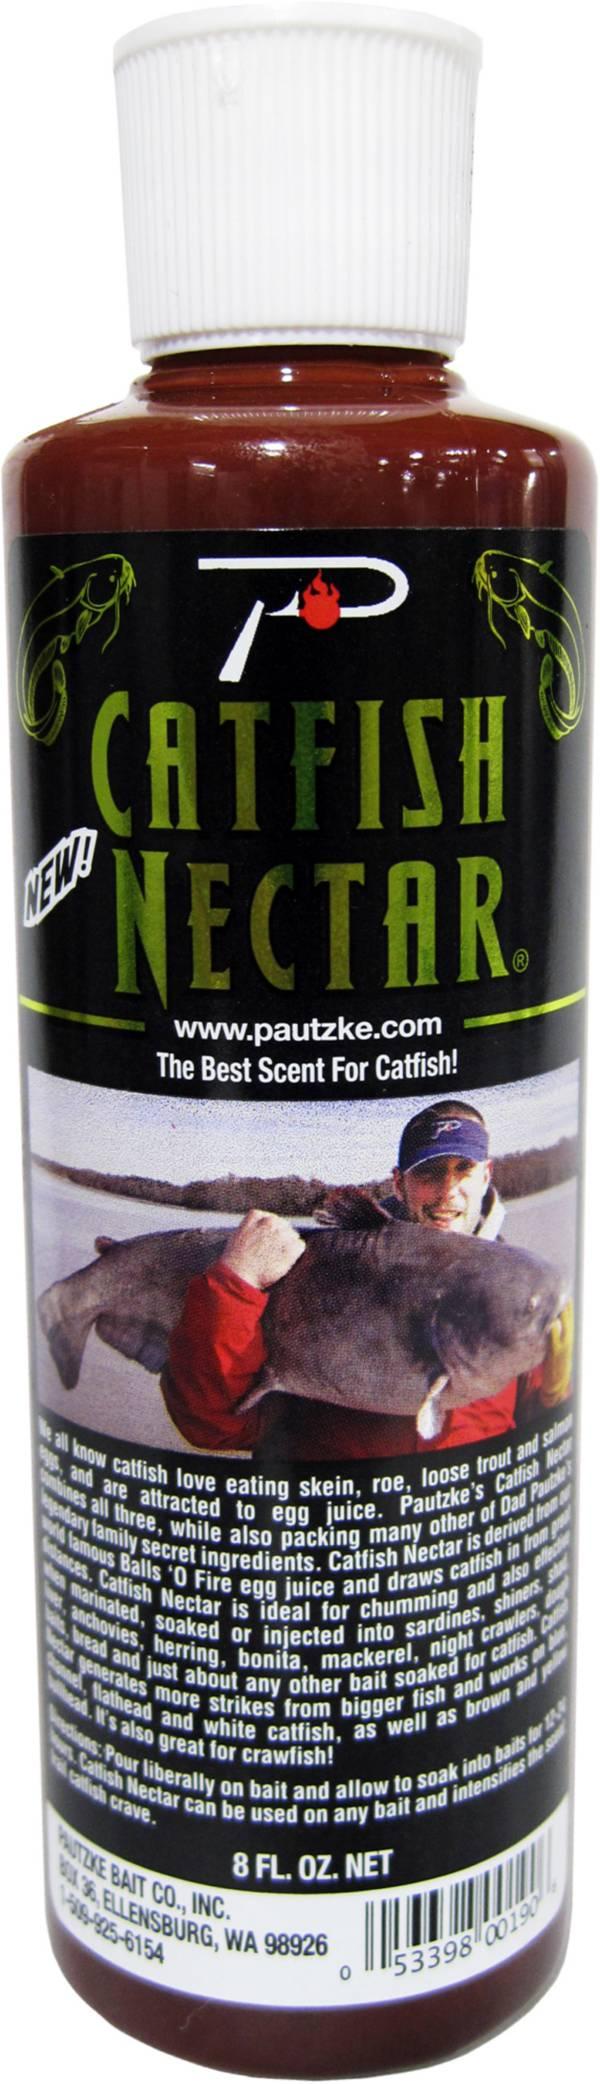 Pautzke Catfish Nectar Fish Attractant product image